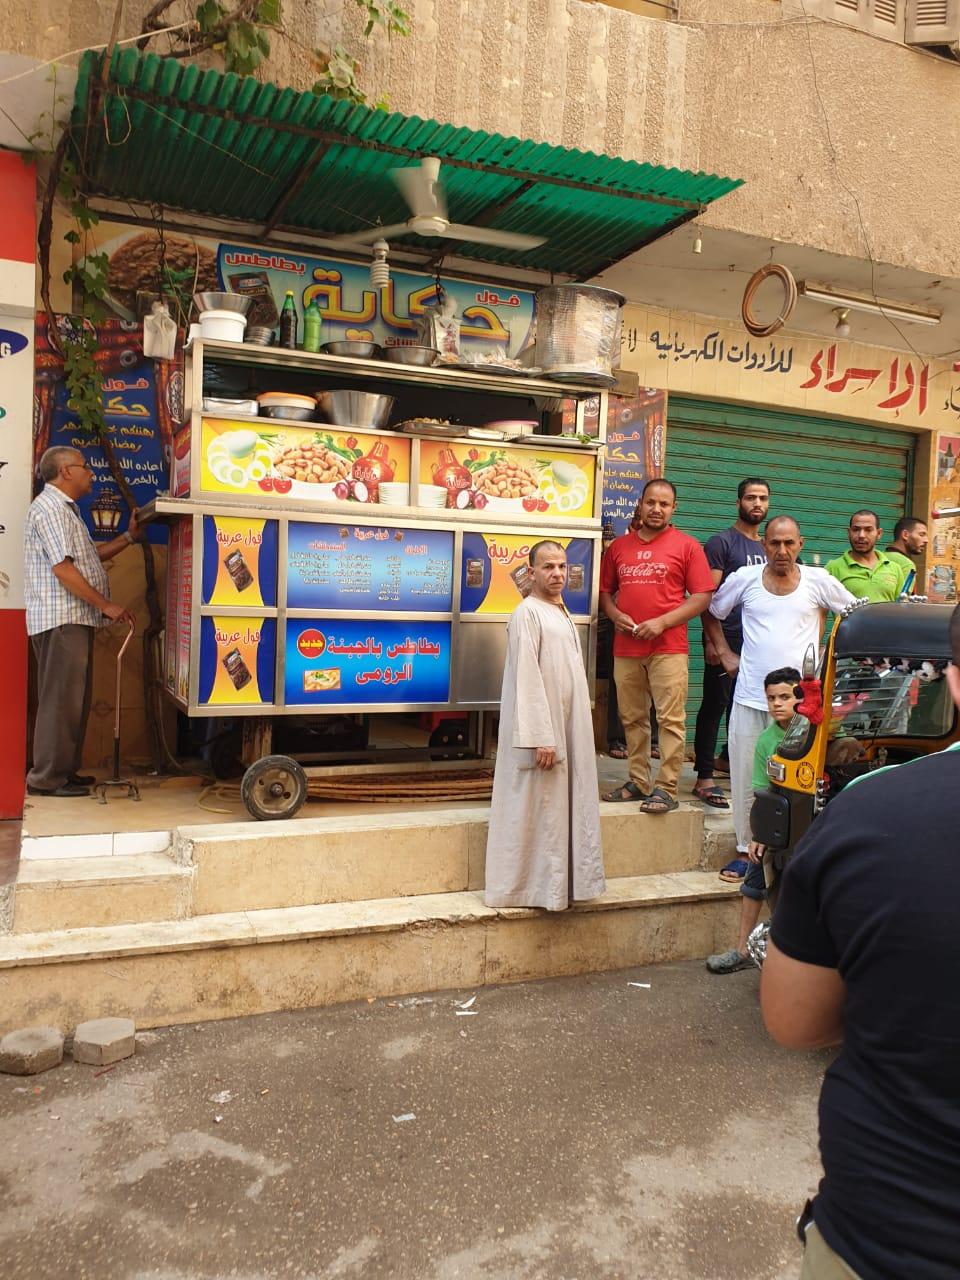 رفع الإشغالات بالعجوزة والطالبية وإصلاح كسر ماسورة مياه جنوب الجيزة  (10)